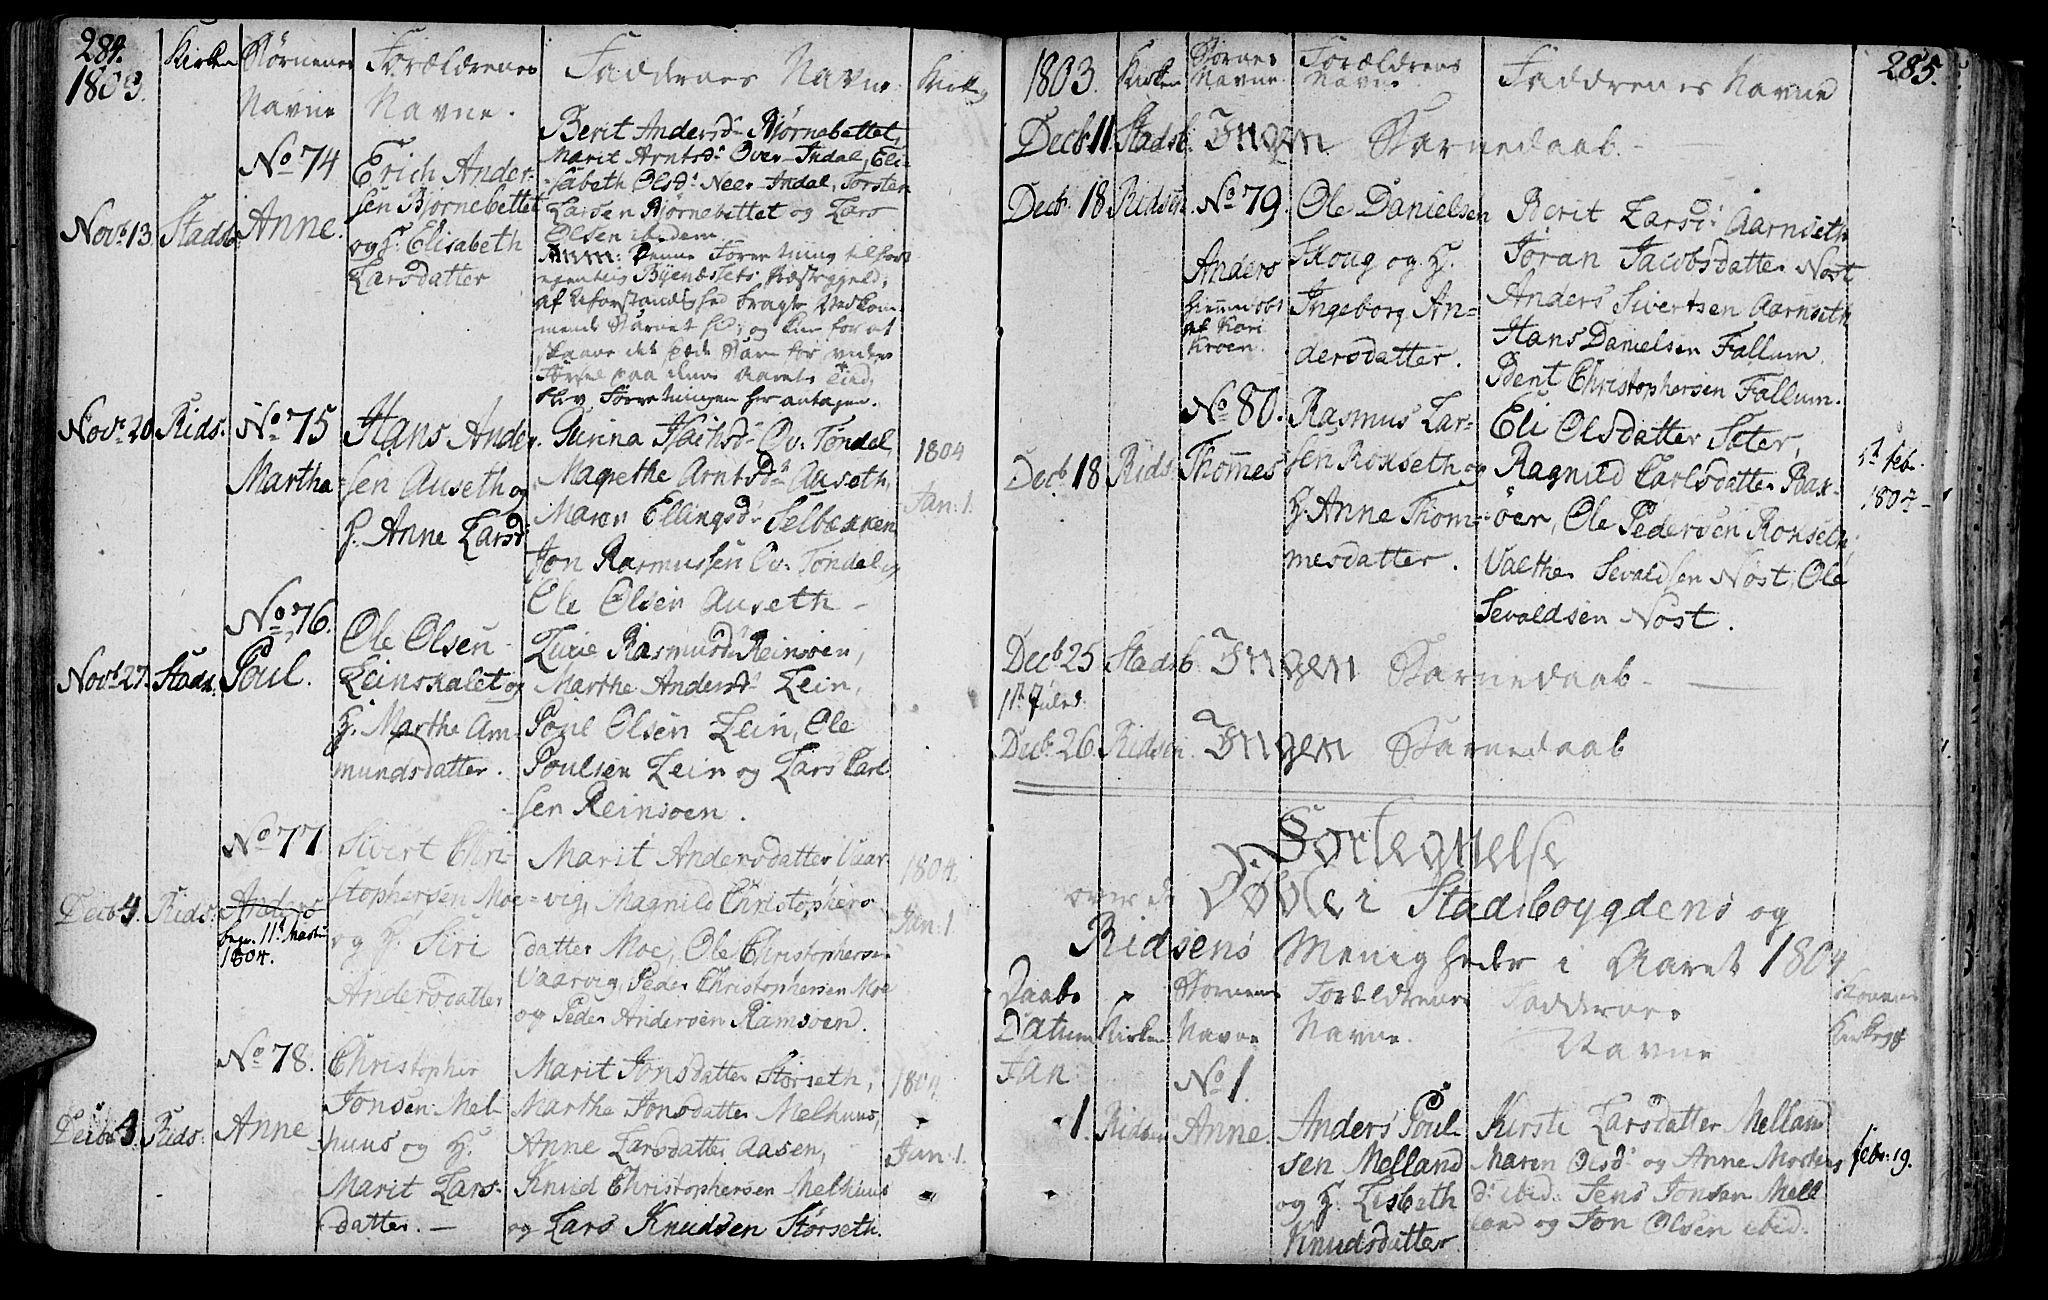 SAT, Ministerialprotokoller, klokkerbøker og fødselsregistre - Sør-Trøndelag, 646/L0606: Ministerialbok nr. 646A04, 1791-1805, s. 284-285